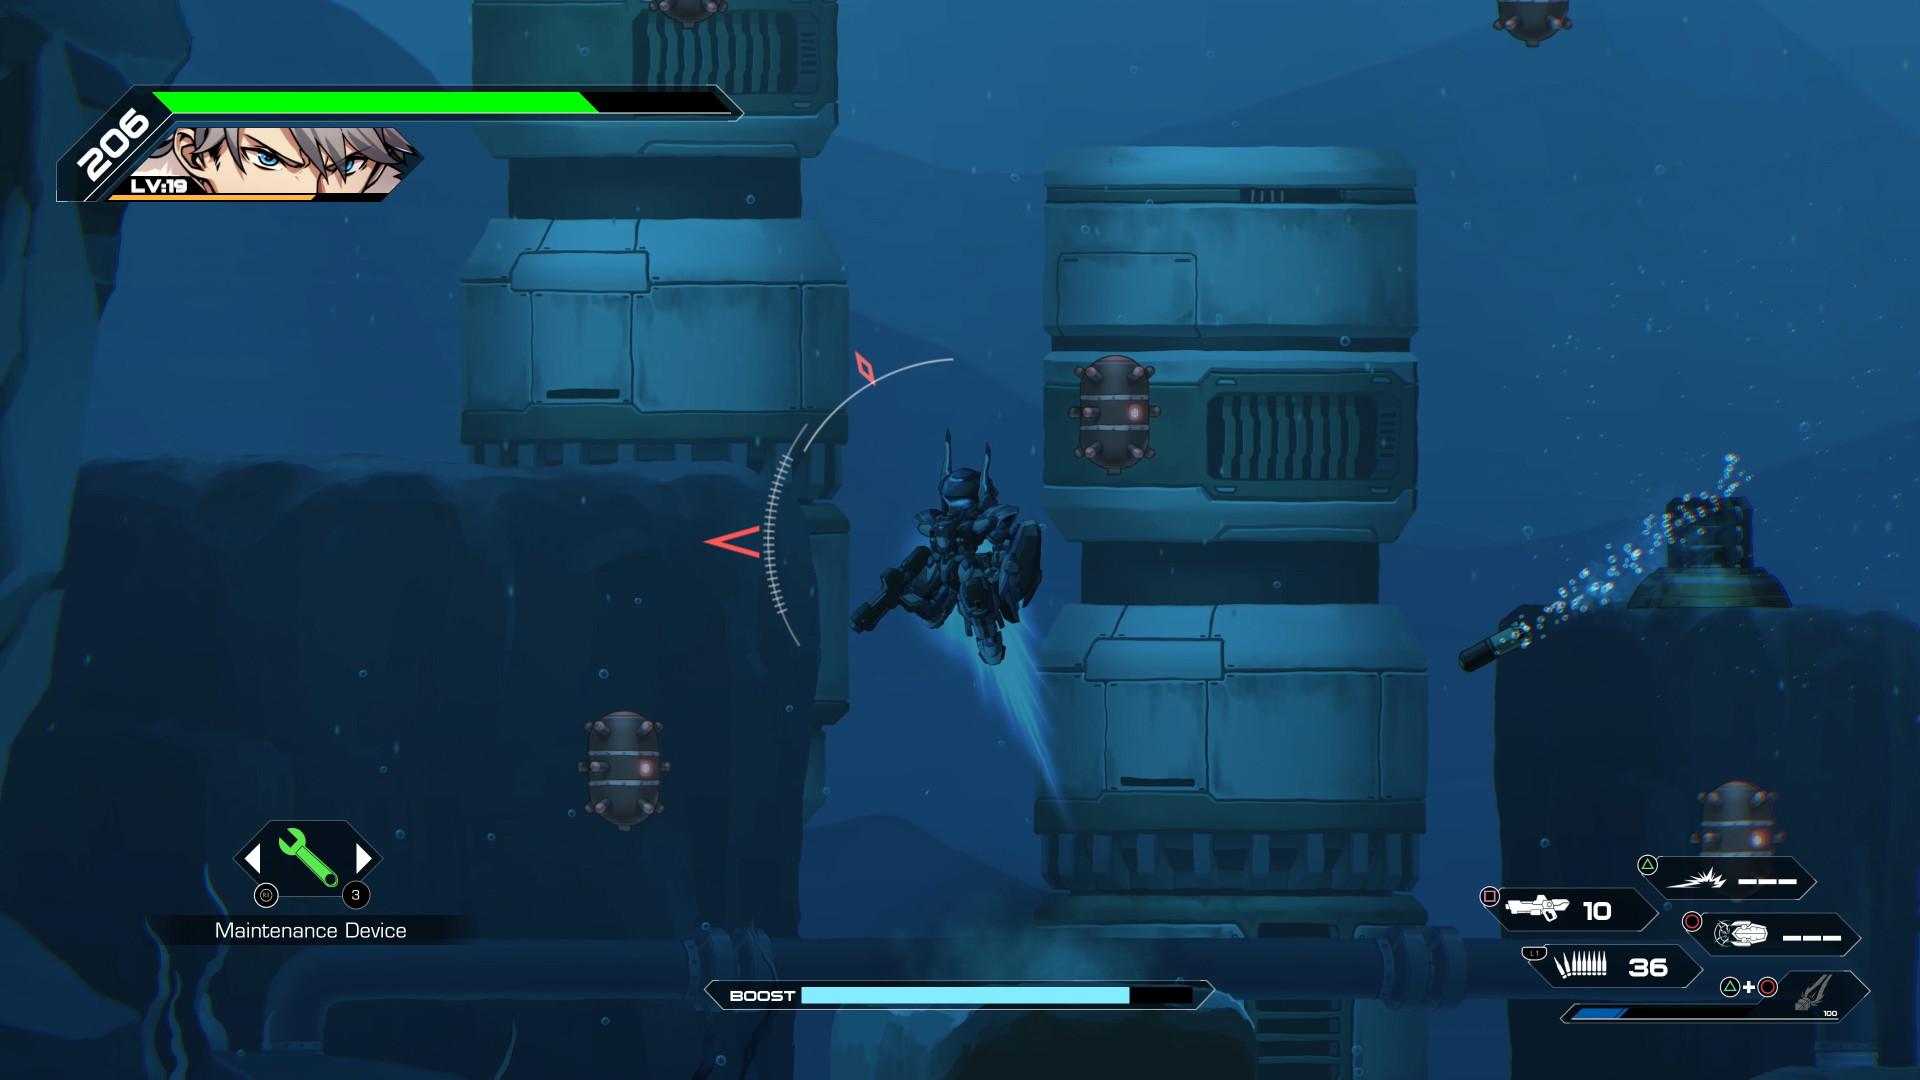 国产游戏《硬核机甲》确认将于10月登陆Switch平台